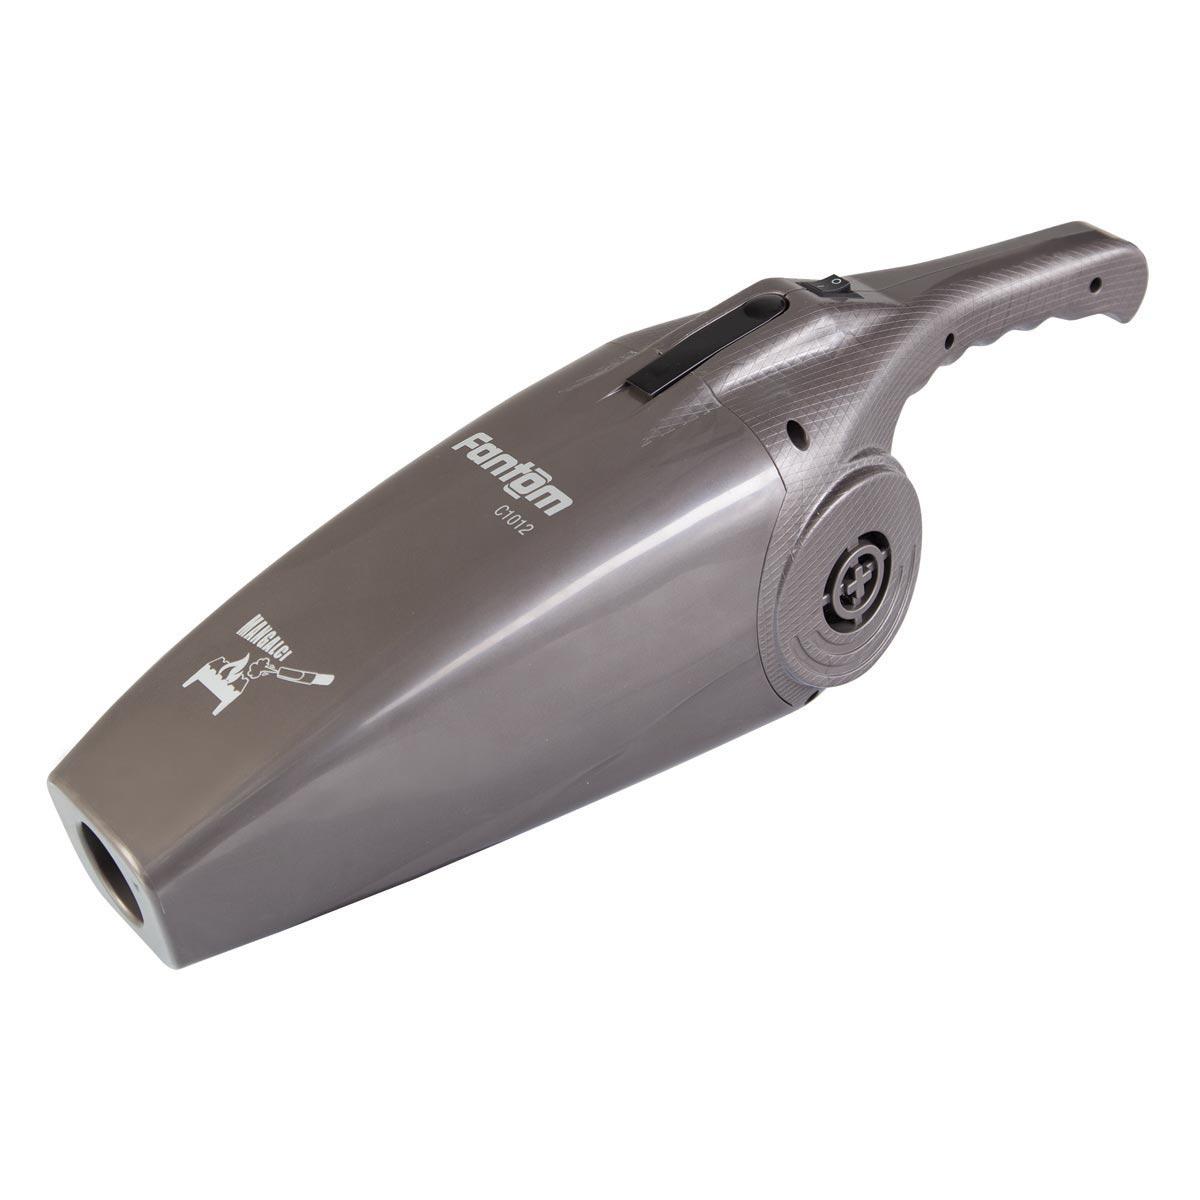 Fantom Oto Süpürgesi C1012 - A101